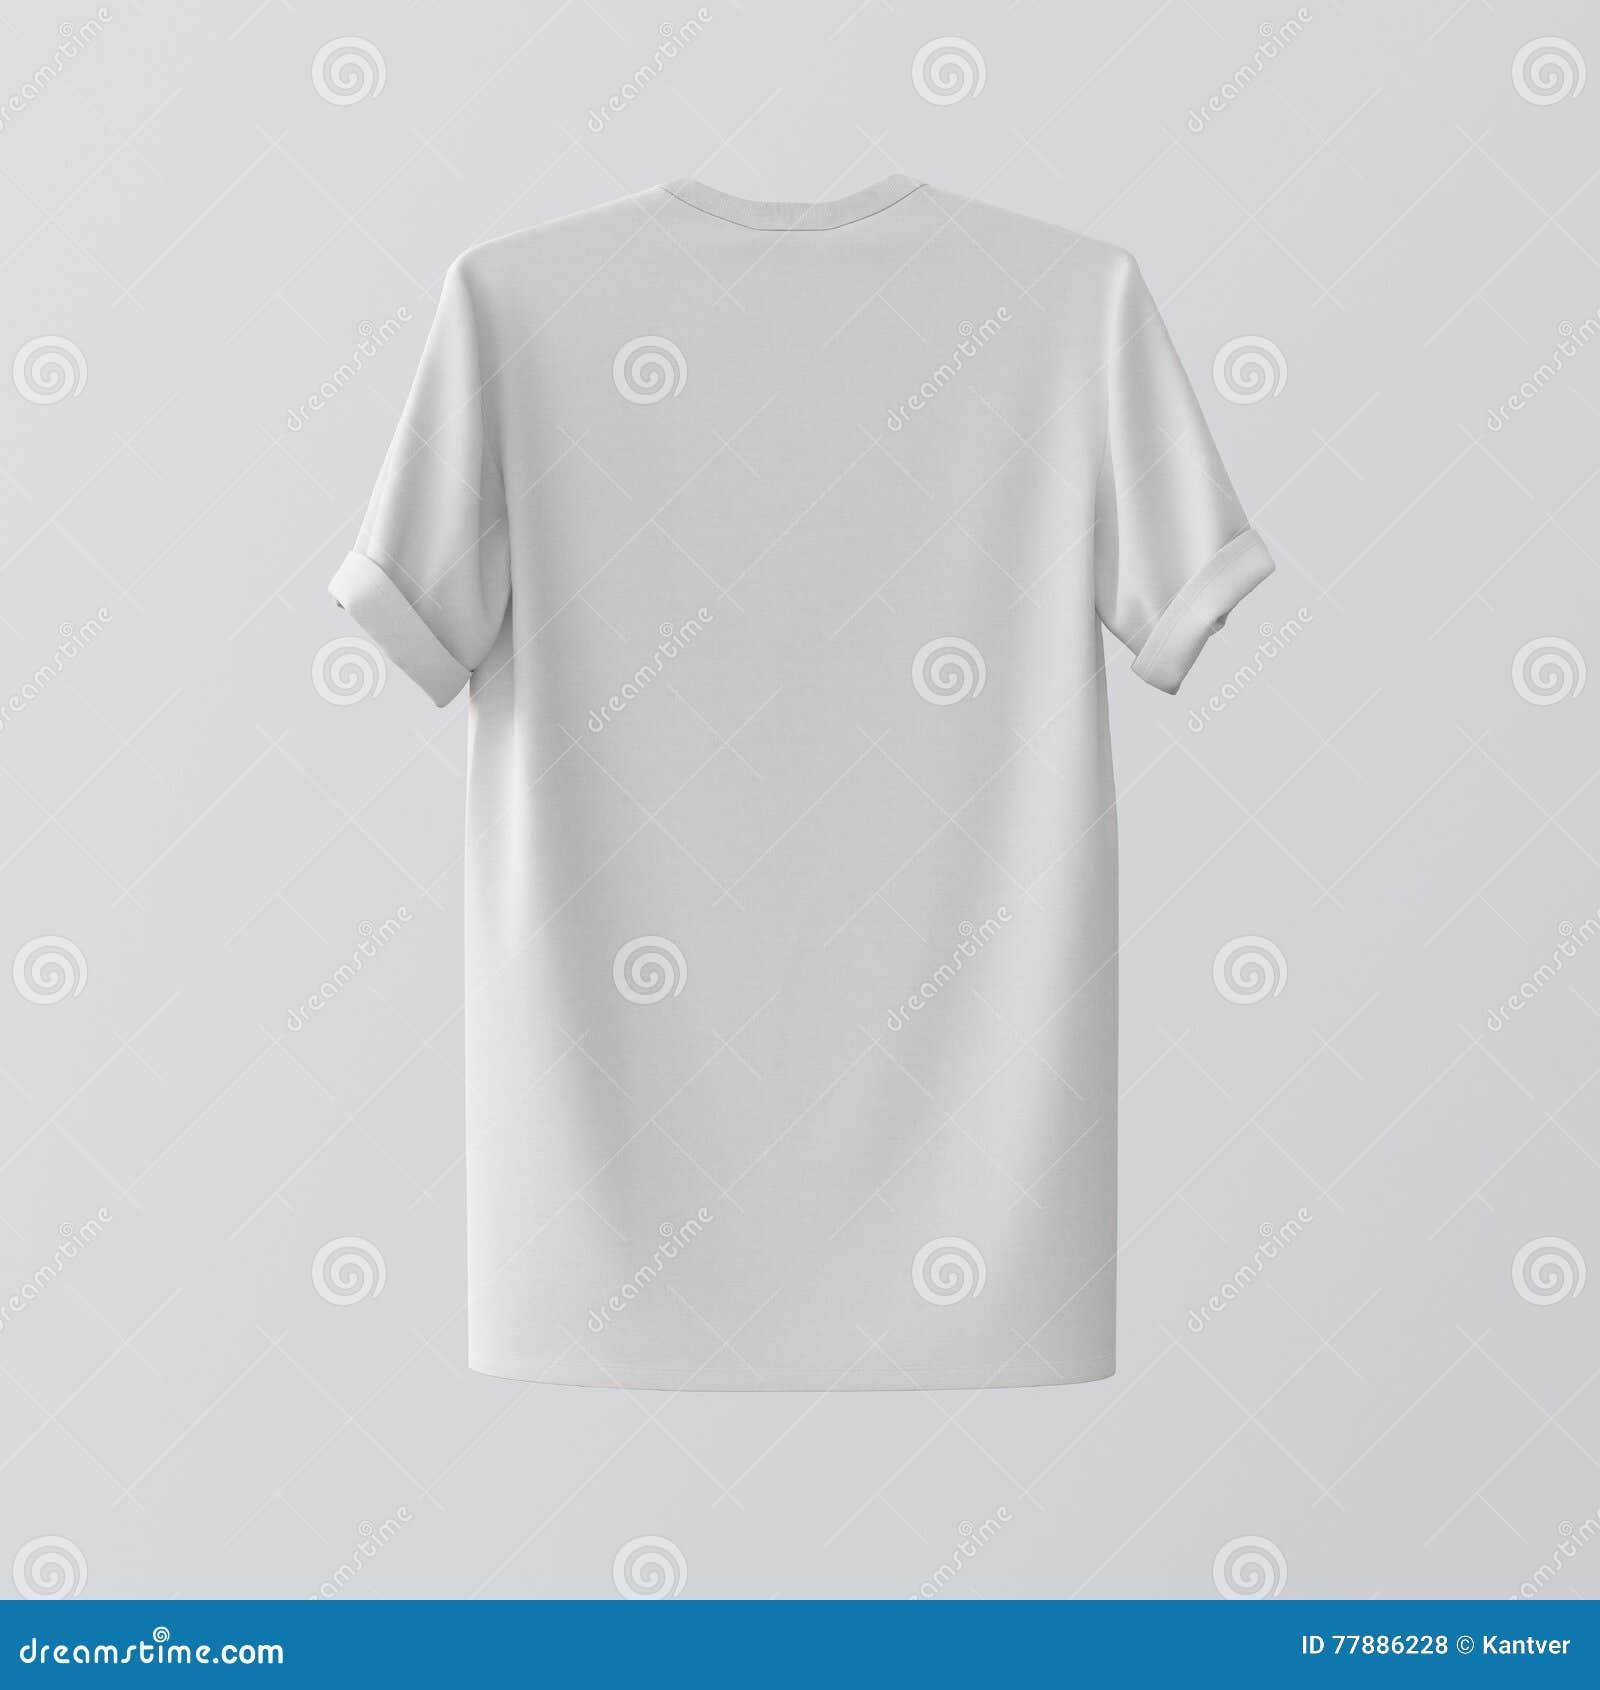 Centro isolado Gray Empty Background de matéria têxtil Tshirt branco vazio Materiais altamente detalhados da textura do modelo Et